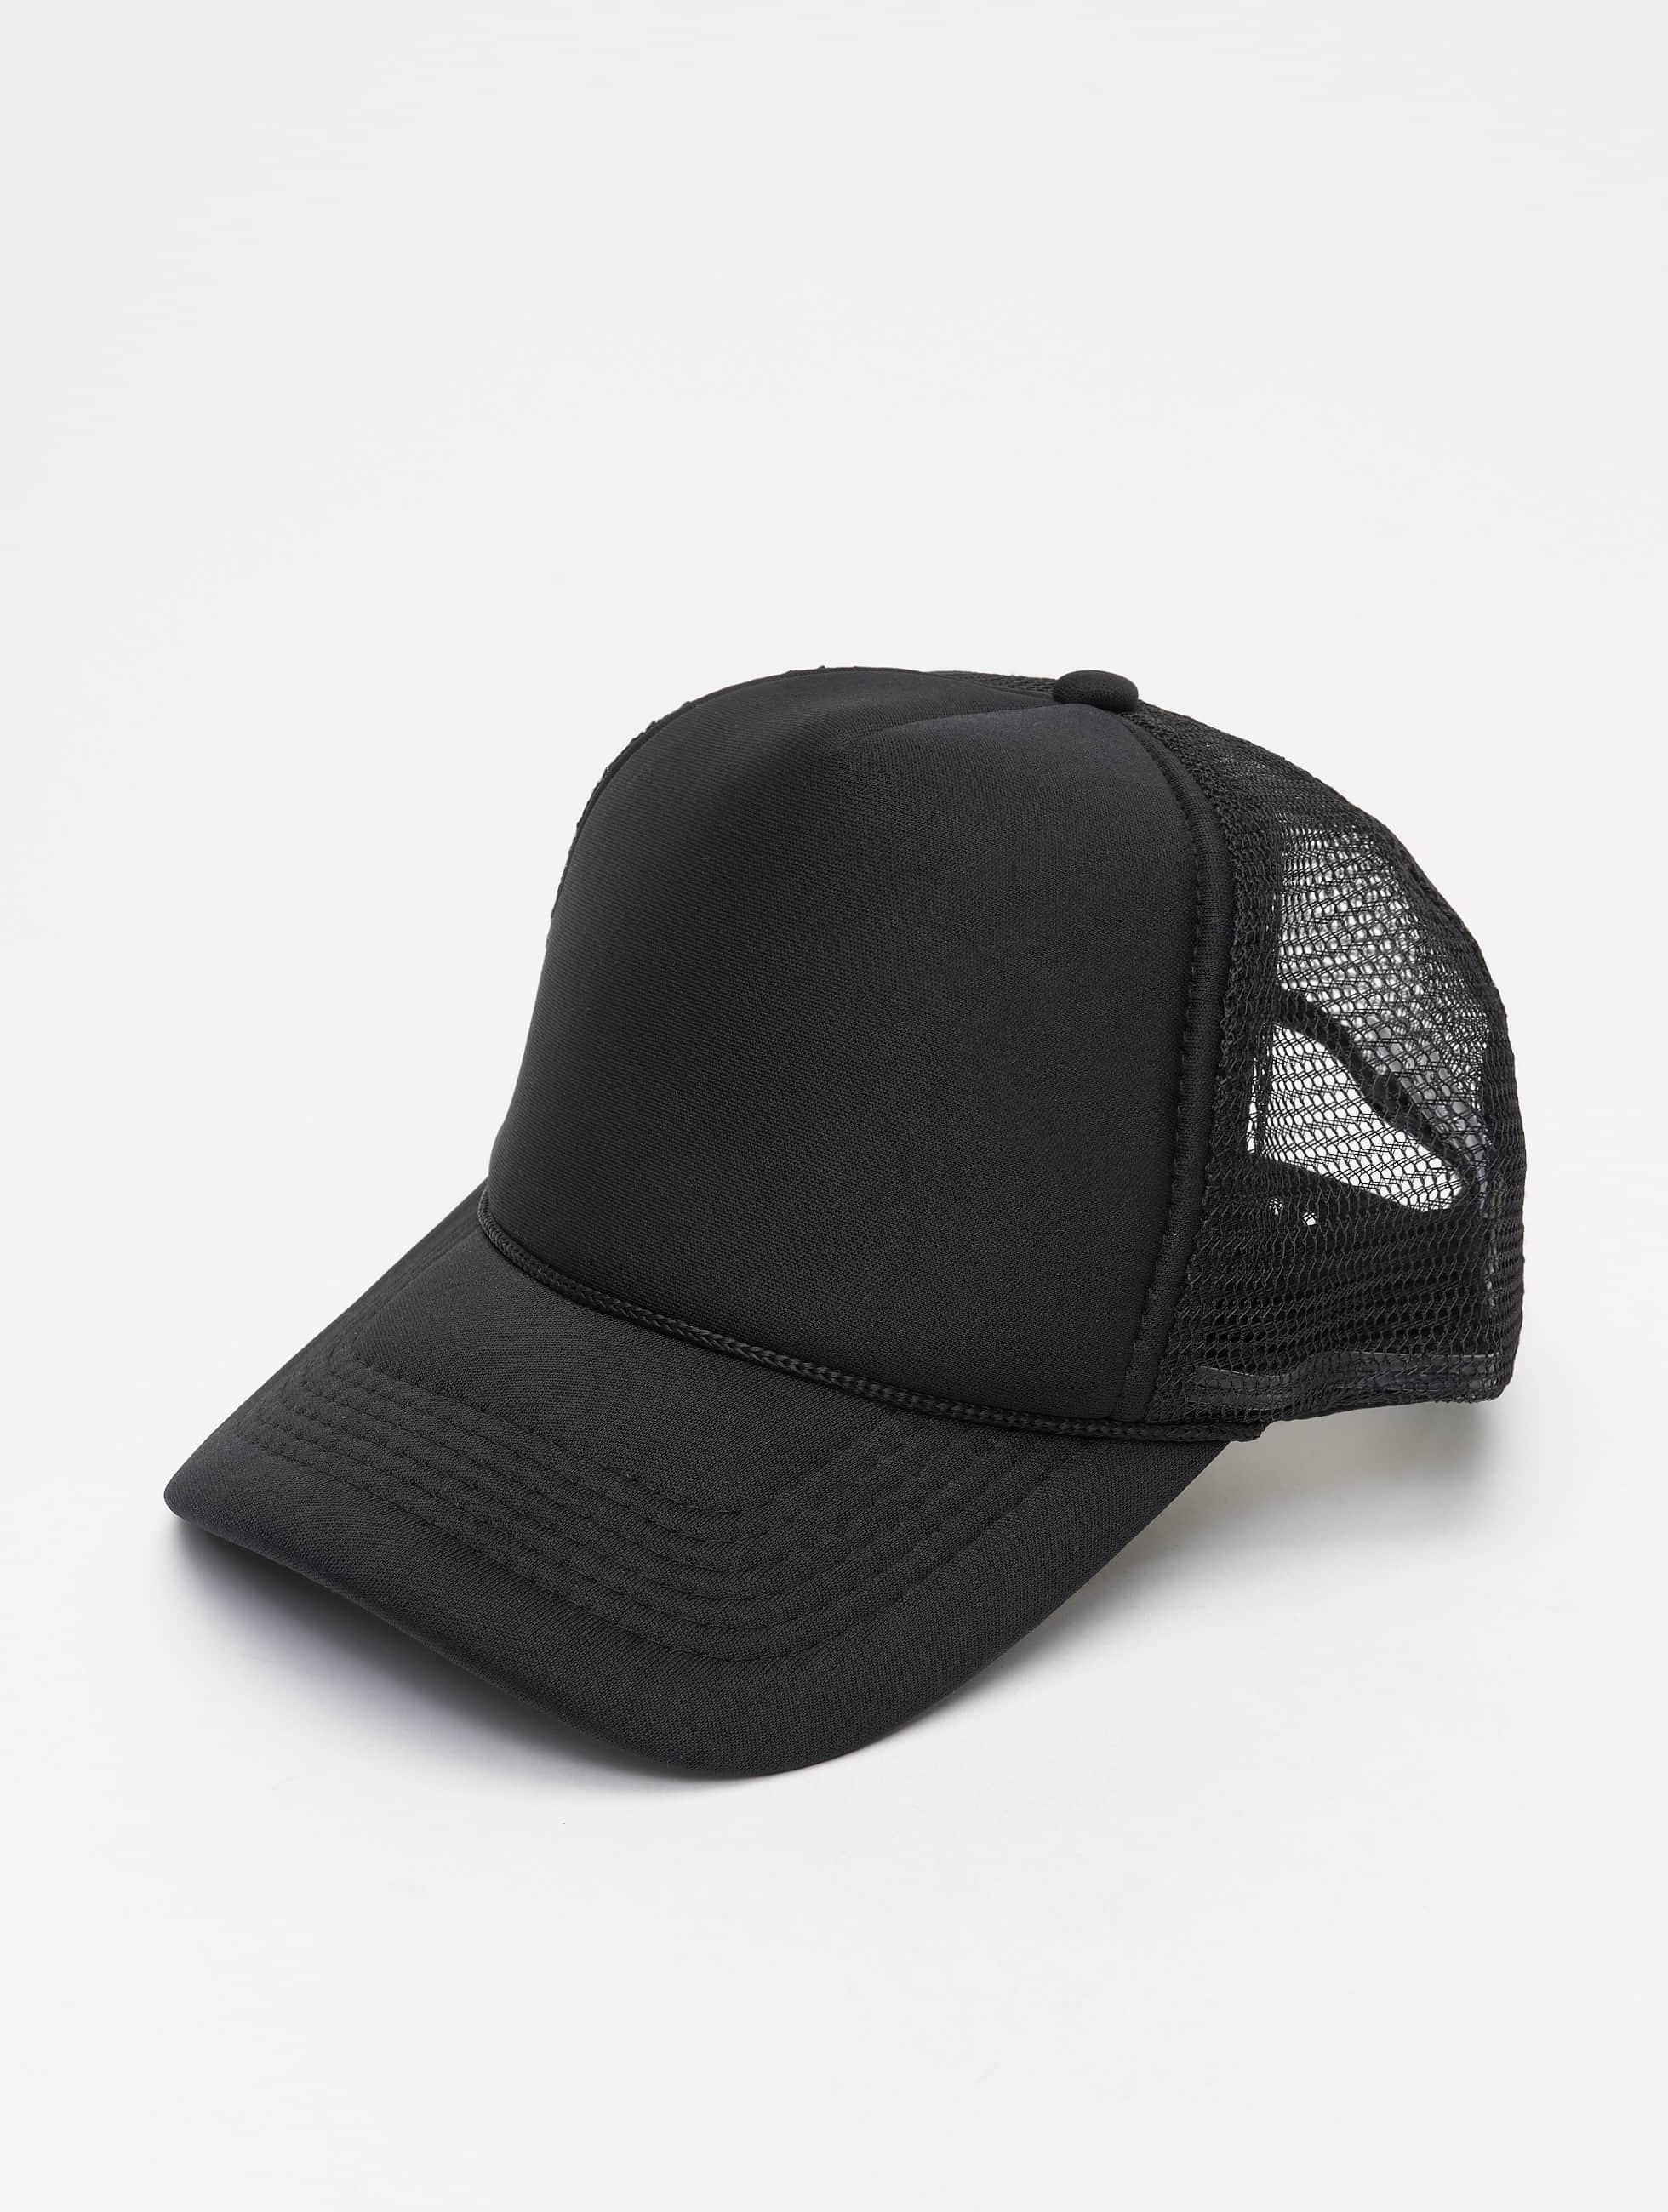 MSTRDS Casquette Trucker mesh High Profile Baseball noir